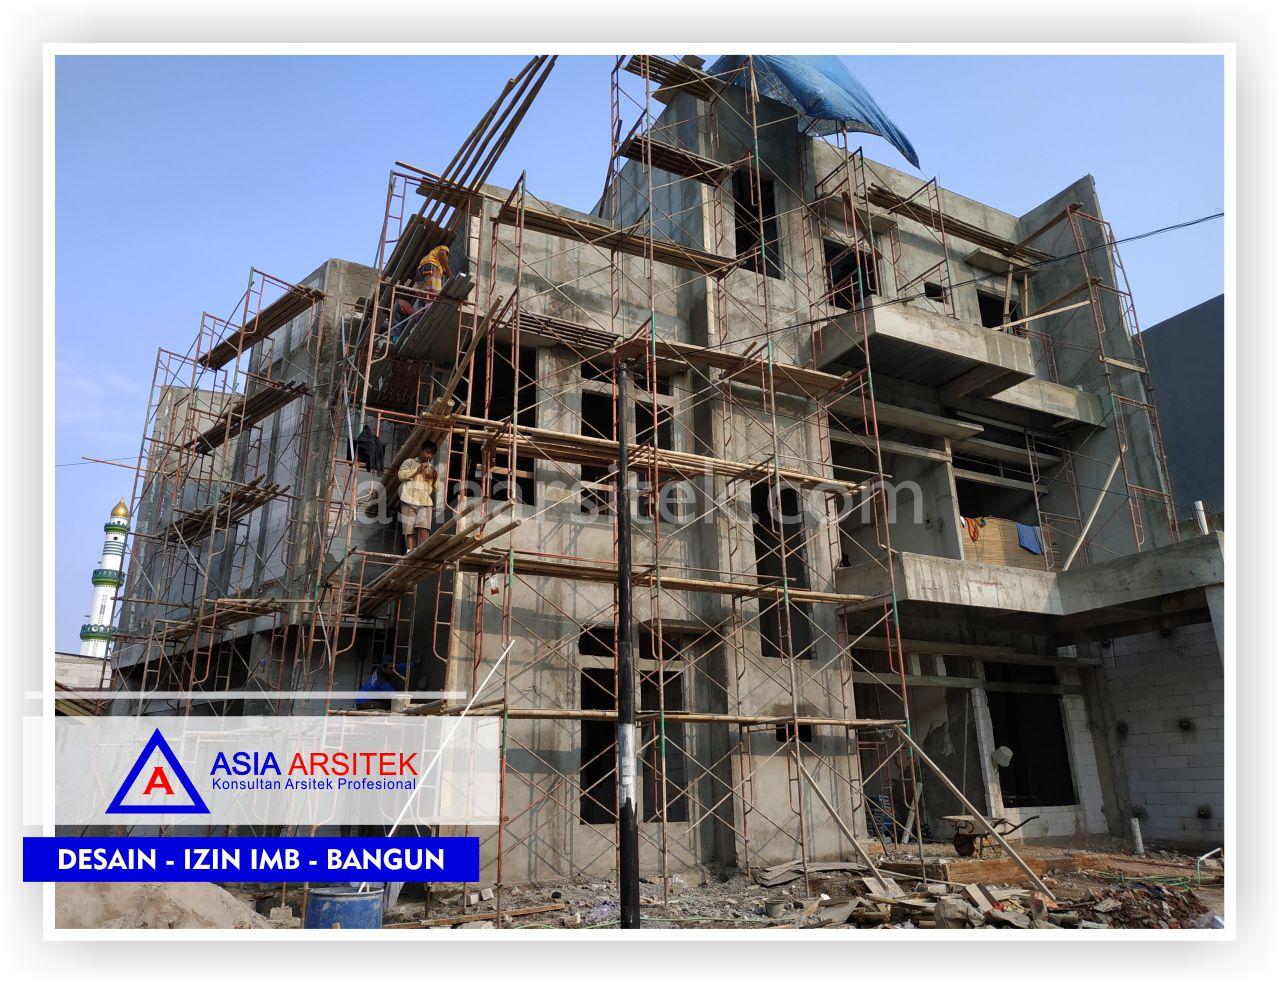 Kondisi Tampak Rumah Bpk Hendra Sun Kho - Arsitek Desain Rumah Minimalis Modern Di Tangerang-Jakarta-Bogor-Bekasi-Bandung-Jasa Konsultan Desain Arsitek Profesional (1)